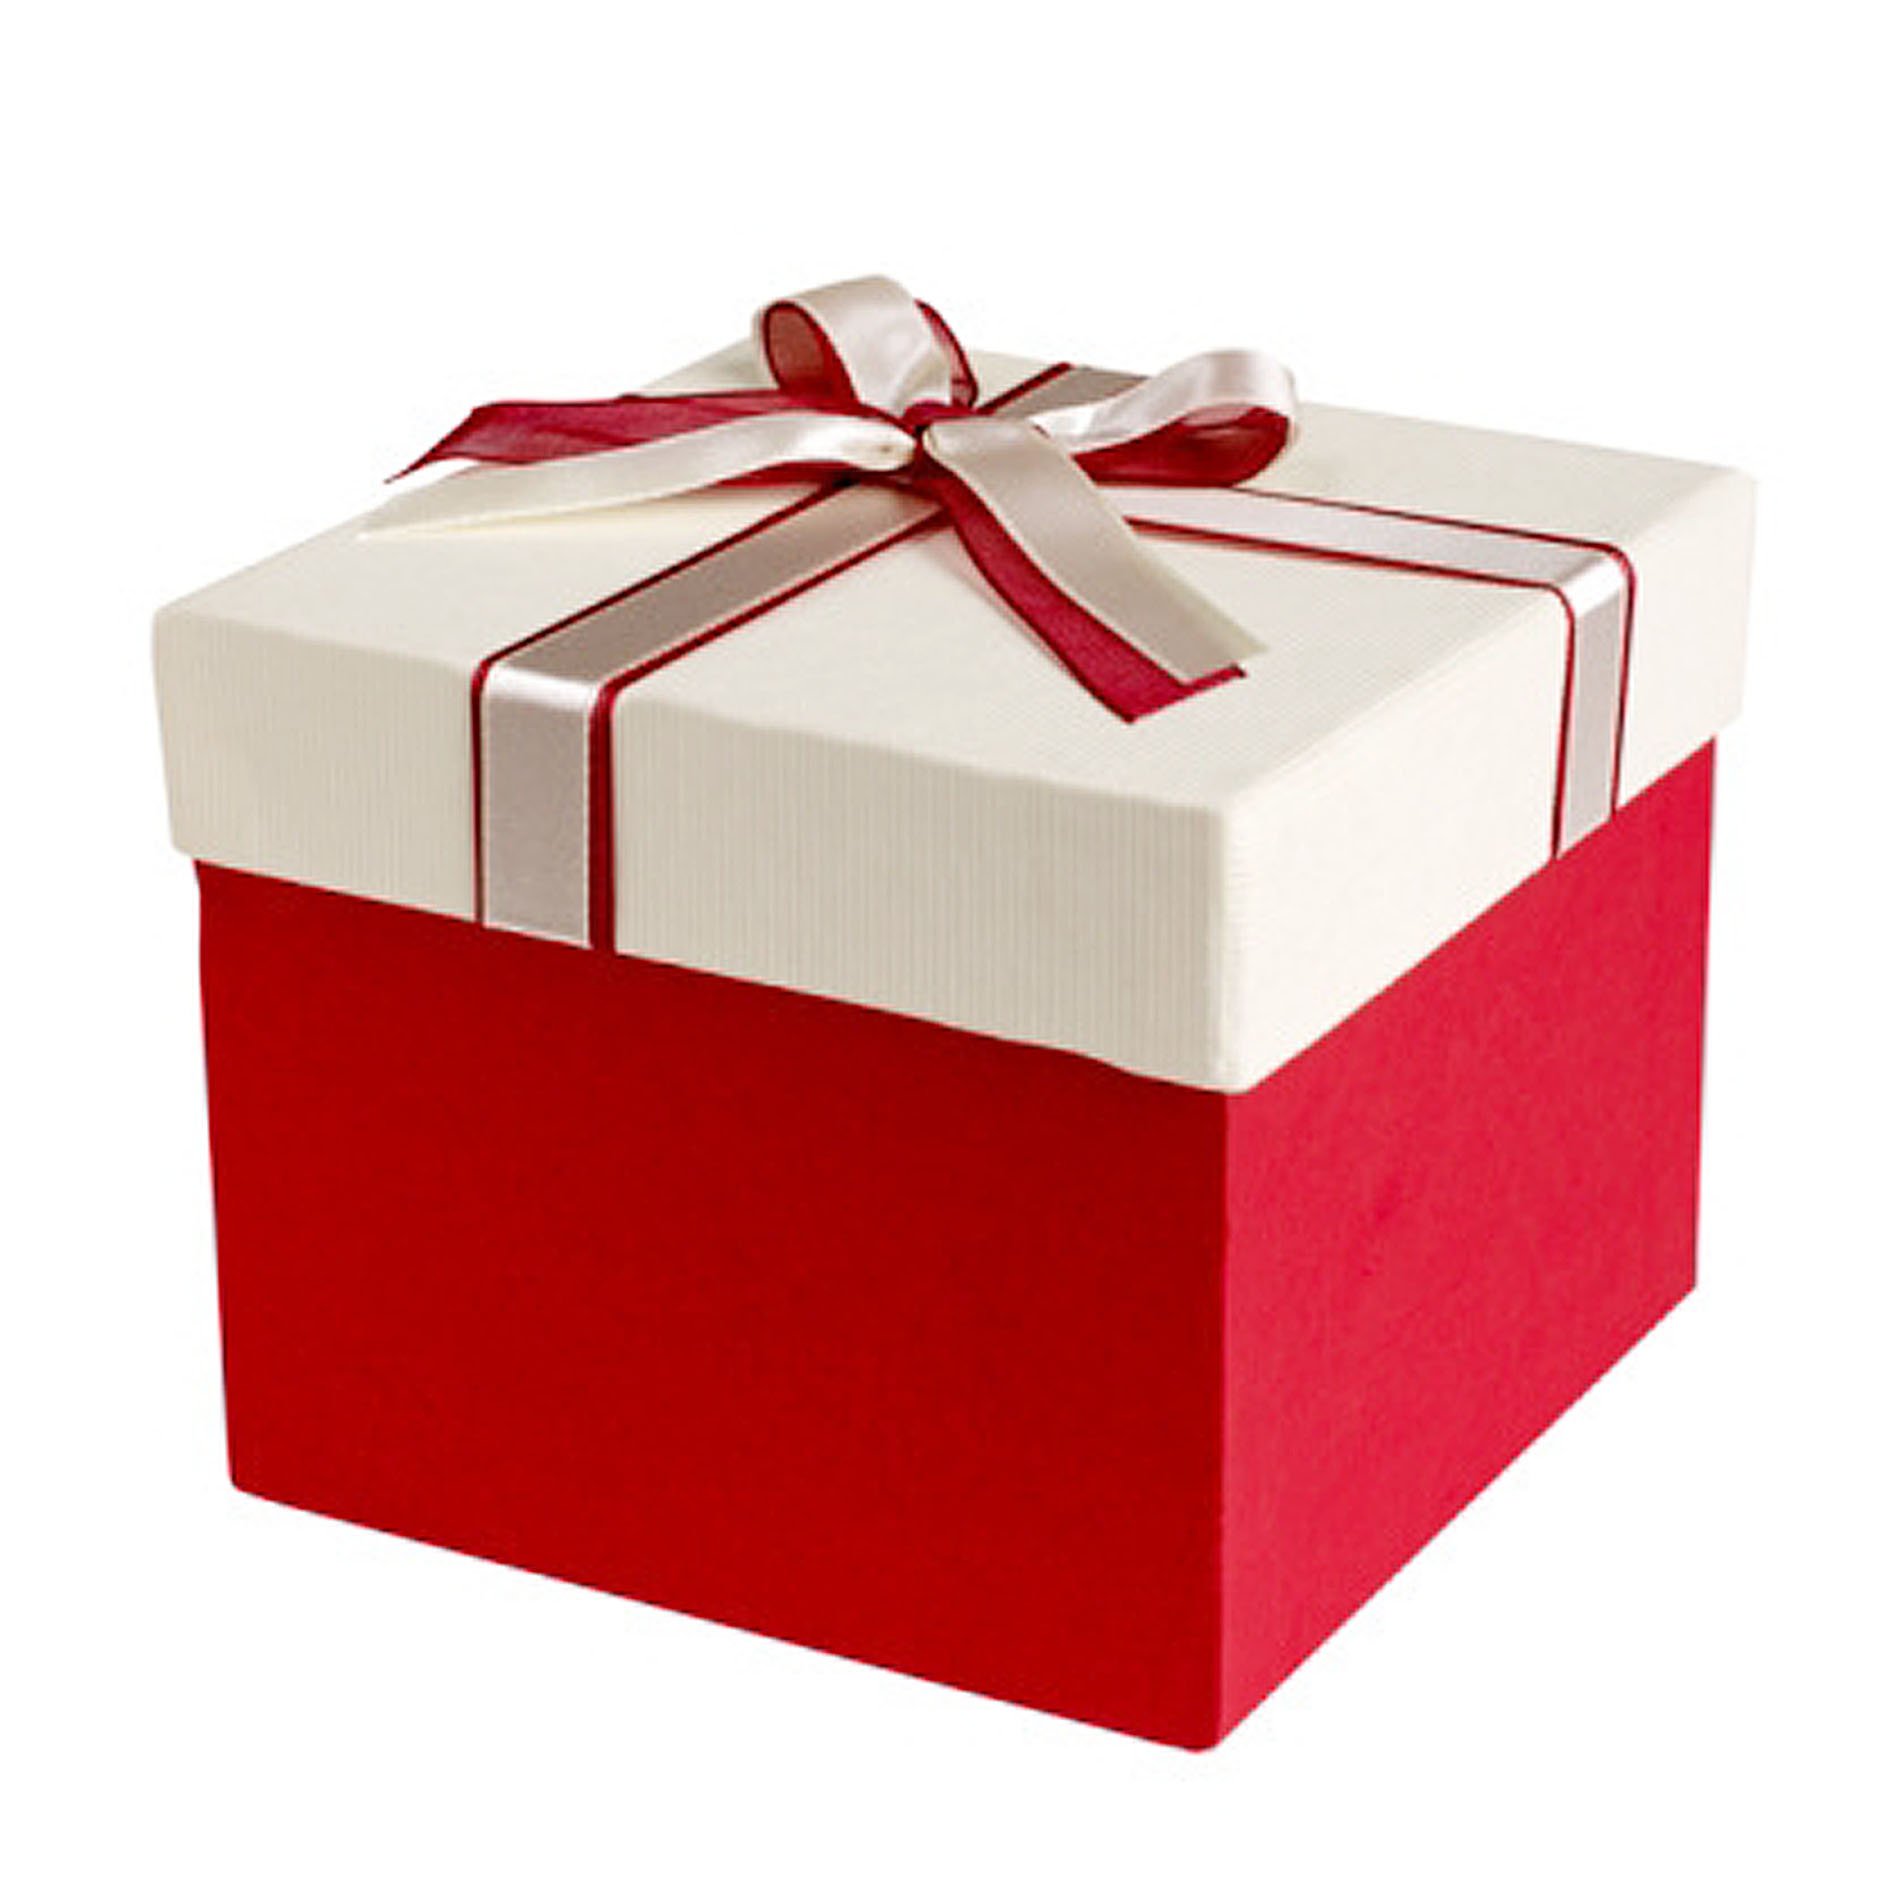 gift-boxes-bo5z6fke.jpg